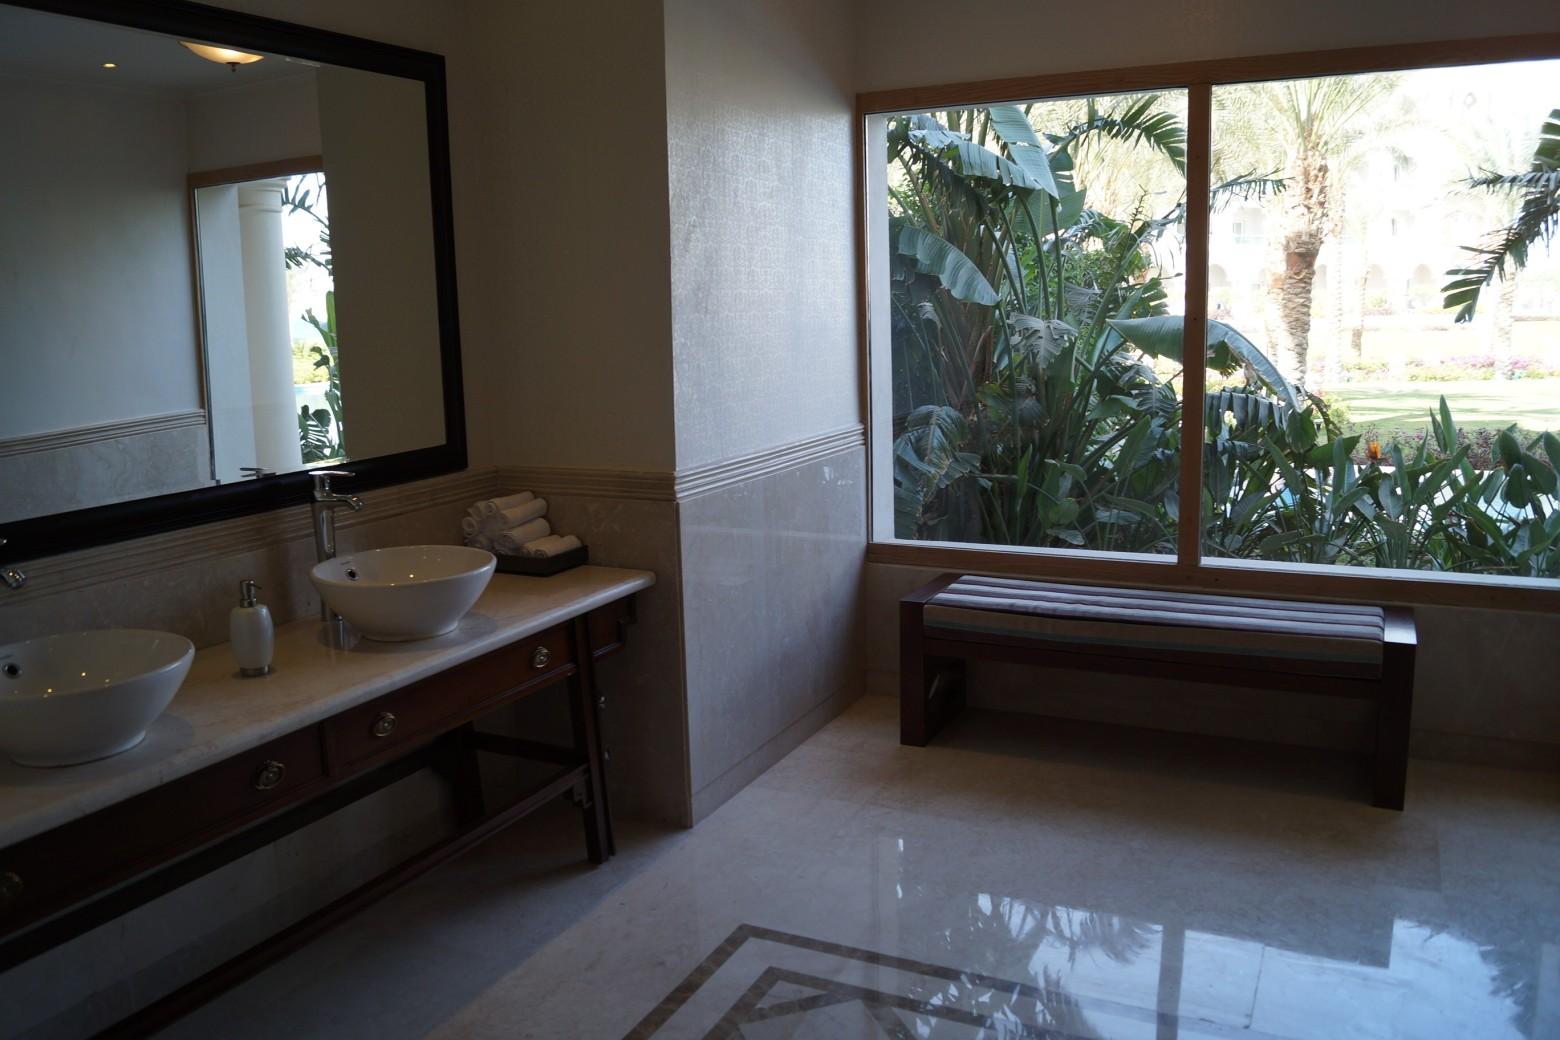 Salle de bain de luxe spa wellness bien être images photos ...